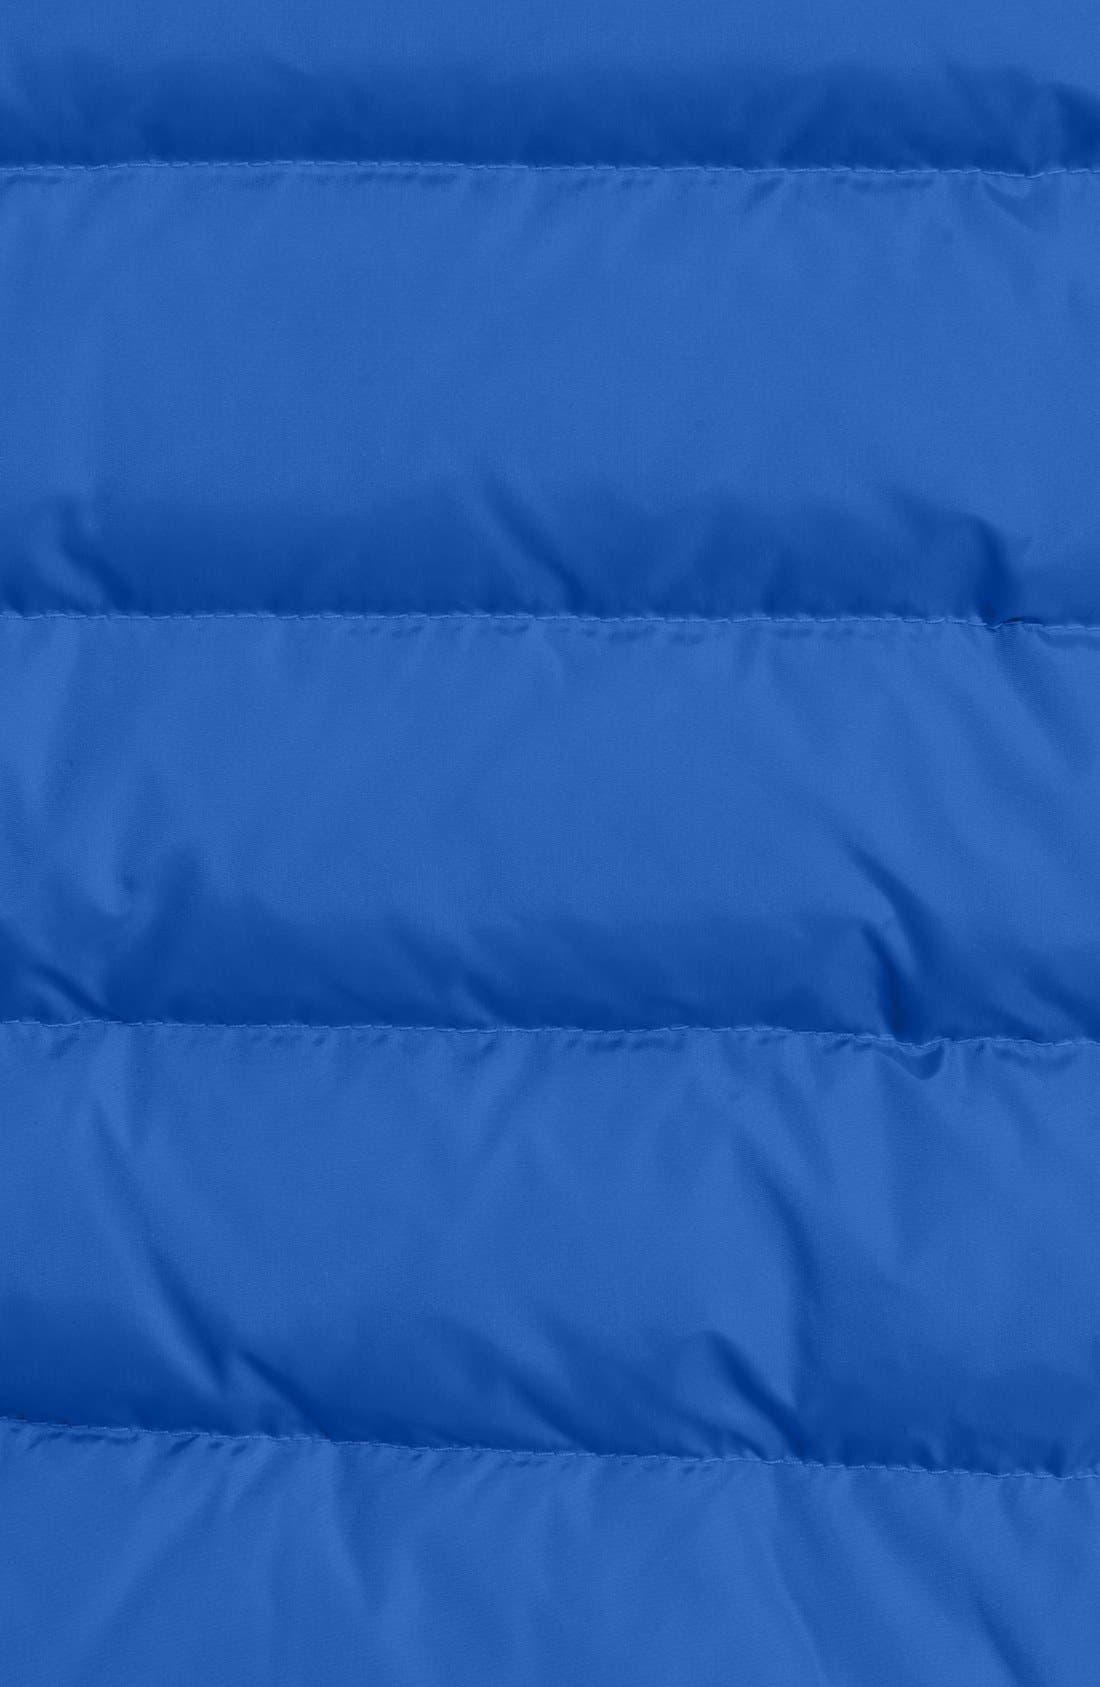 'Vonne' Nylon Down Puffer Jacket,                             Alternate thumbnail 3, color,                             BLUE